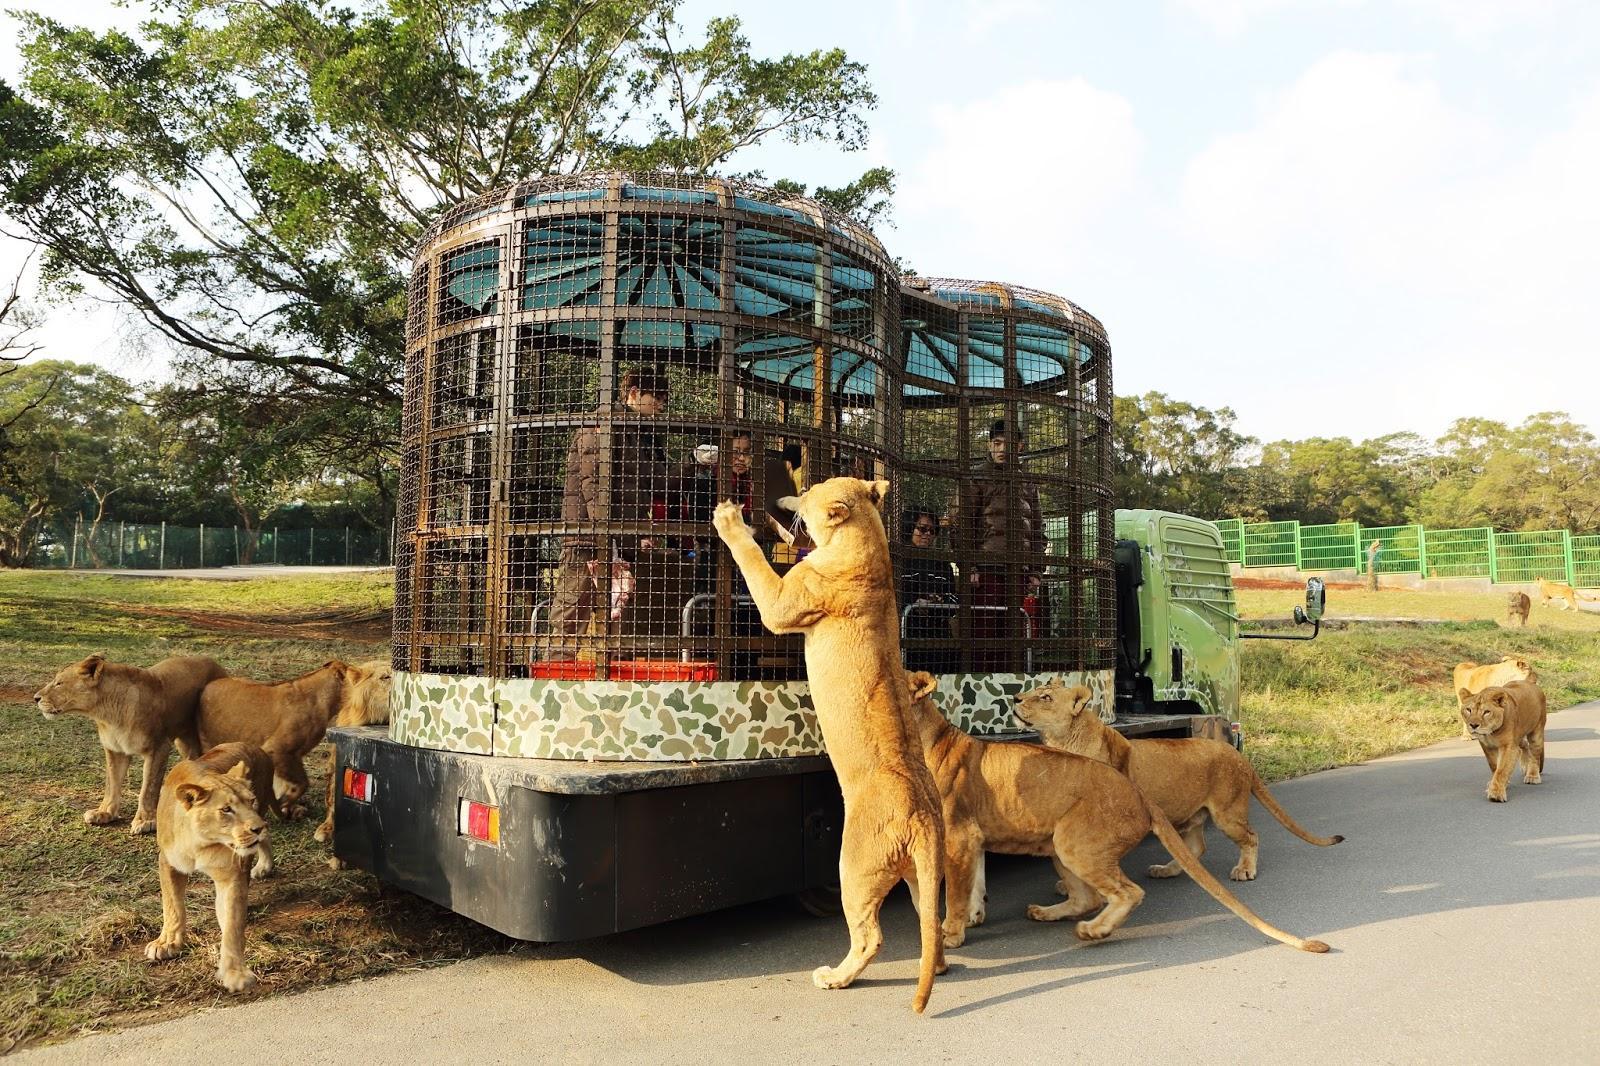 Trải nghiệm thú vị tại Safari khi cho sư tử ăn